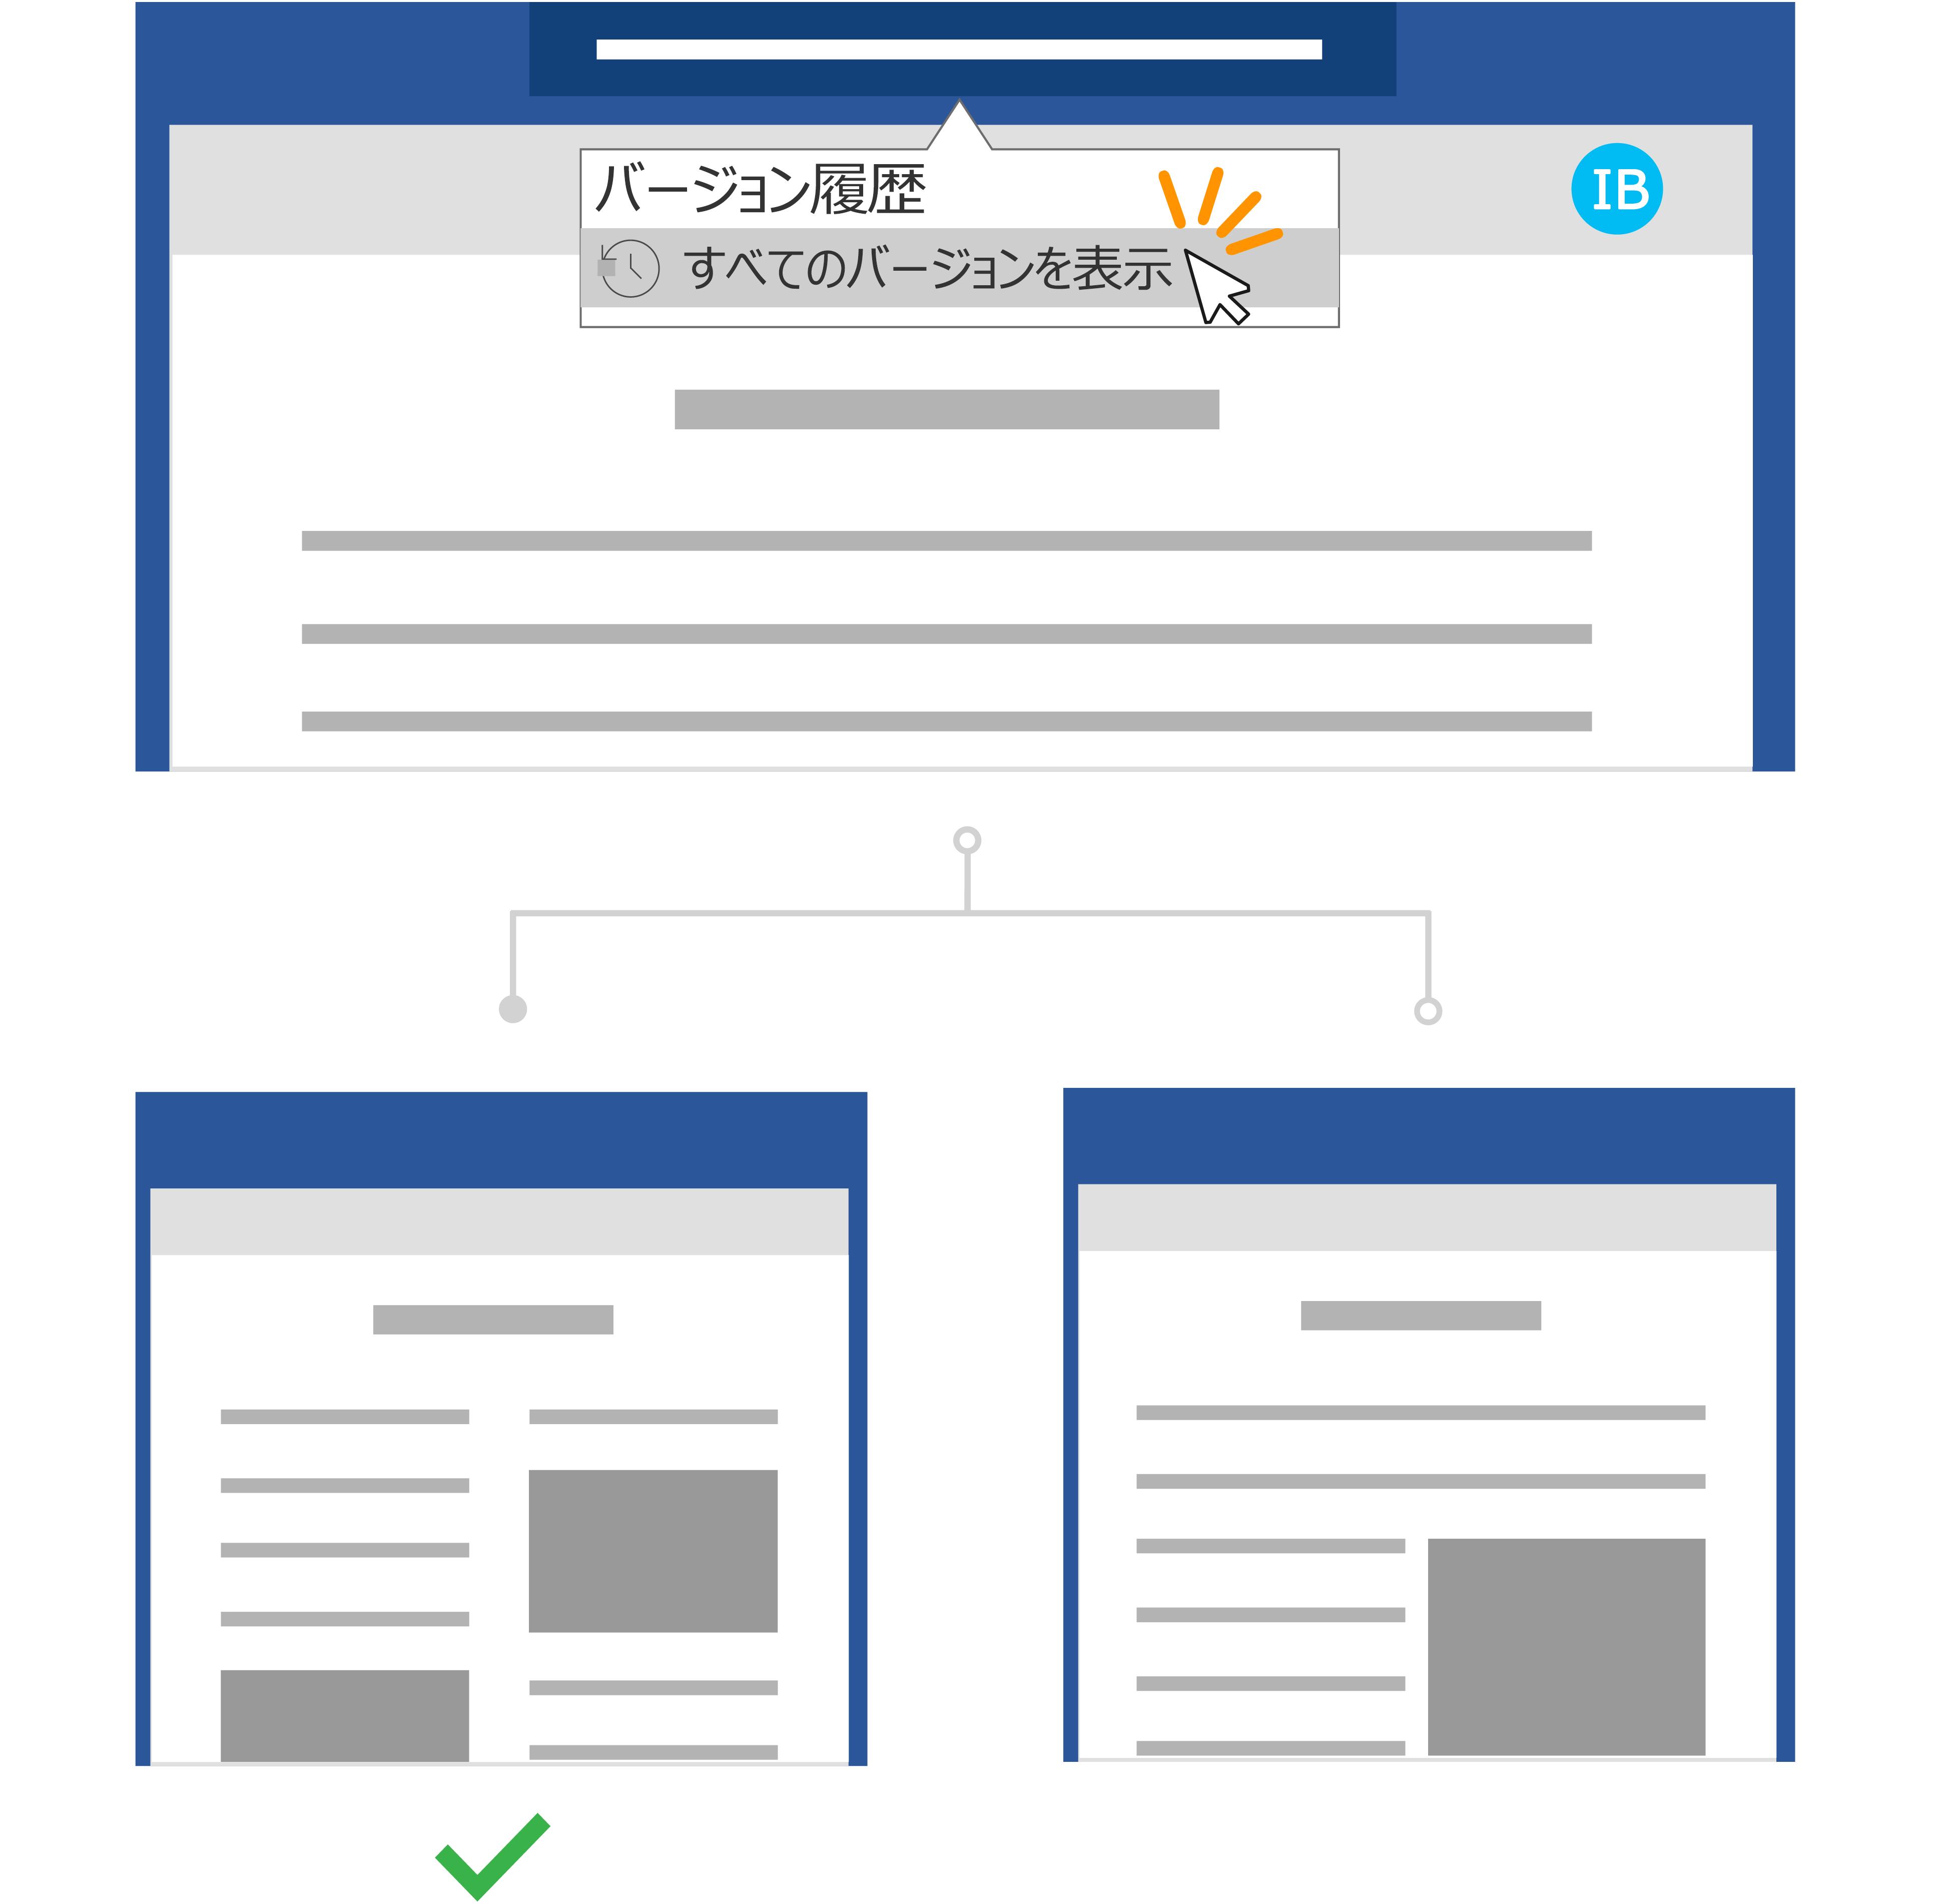 同じファイル サイド バイ サイドの 2 つのバージョンを使用します。